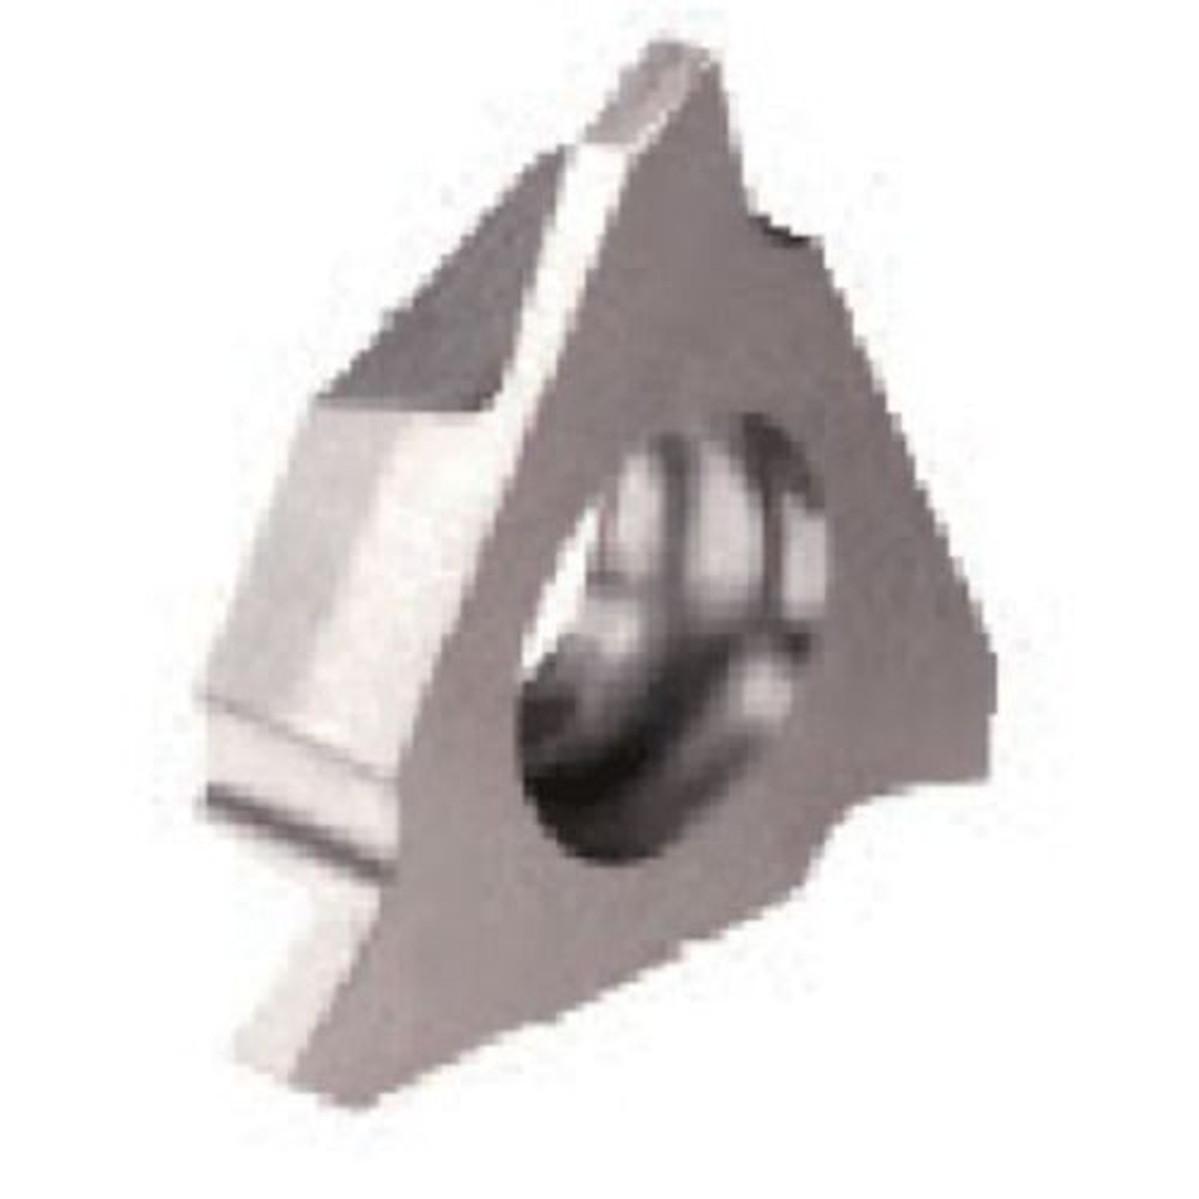 あす楽対応 超特価 DIY用品 タンガロイ 旋削用溝入れTACチップ 希少 AH710 10個